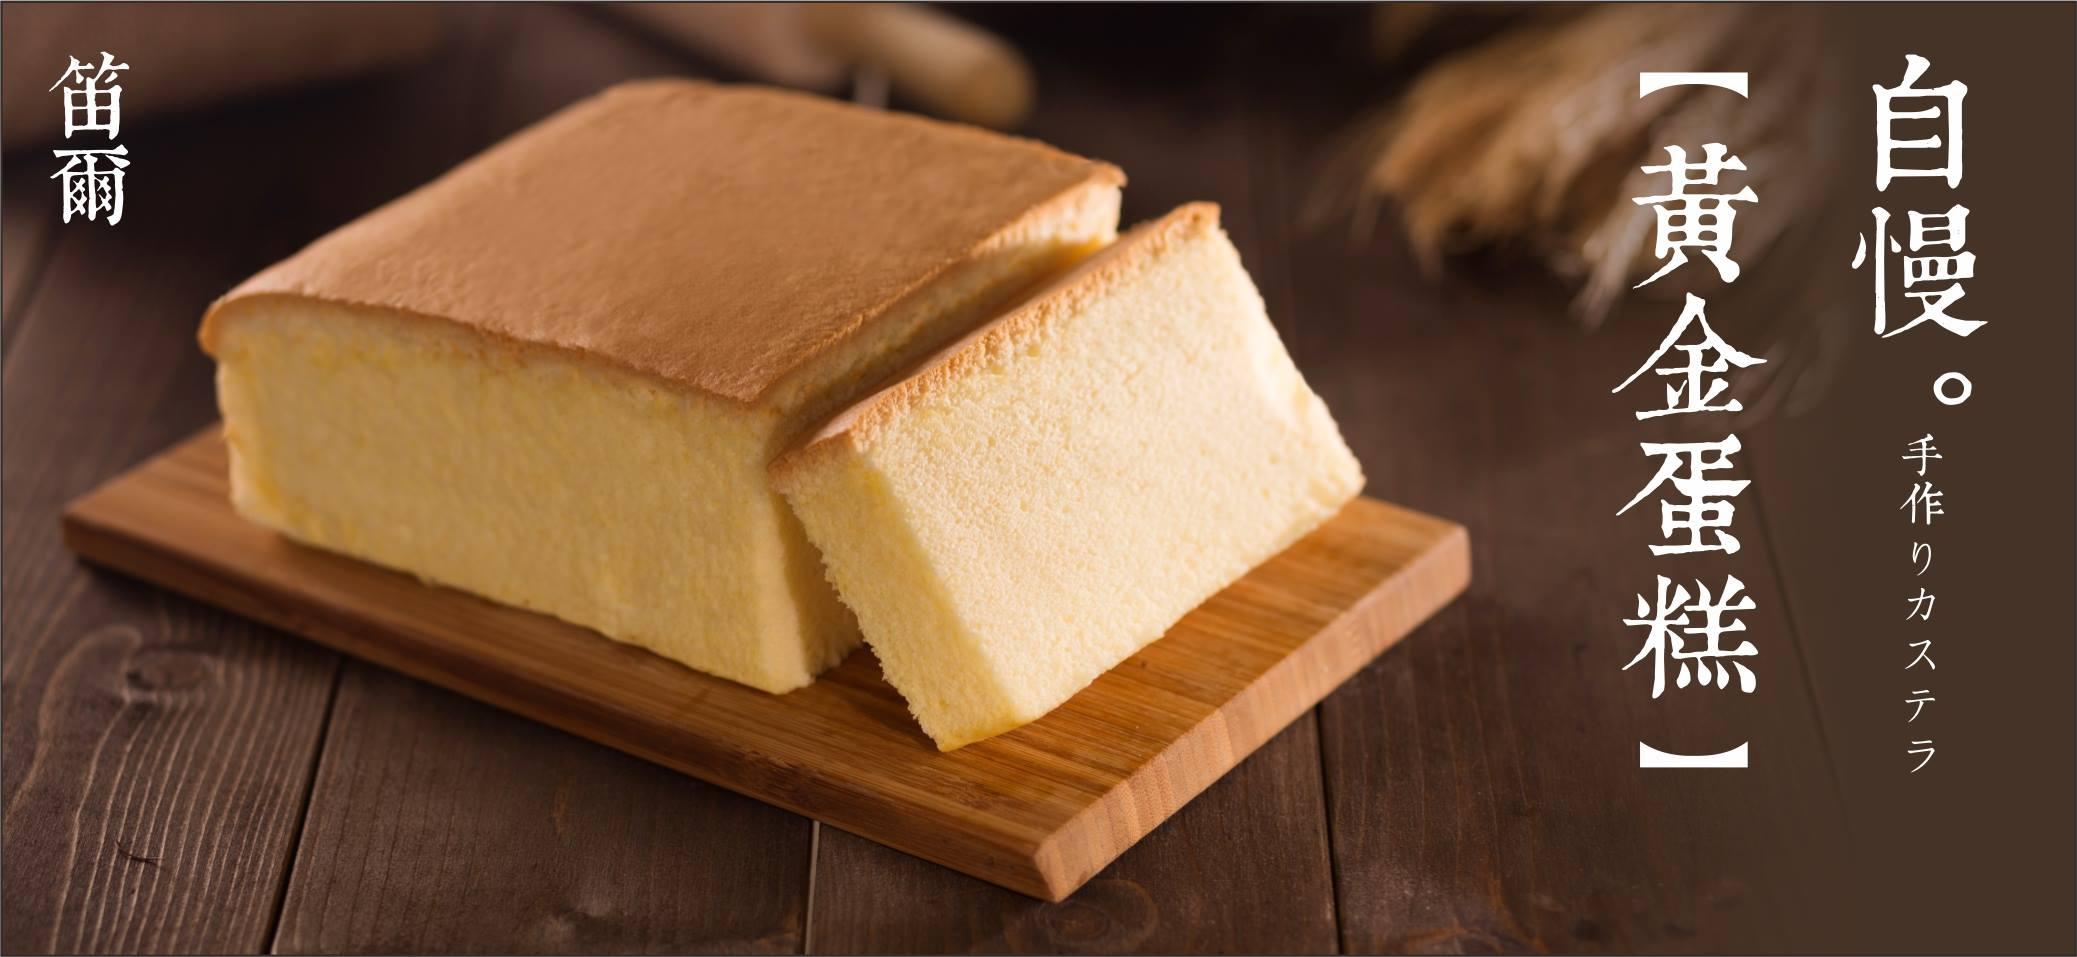 不加水!極濕潤蛋糕體!招牌黃金蛋糕(600g/盒)-笛爾手作現烤蛋糕! 1